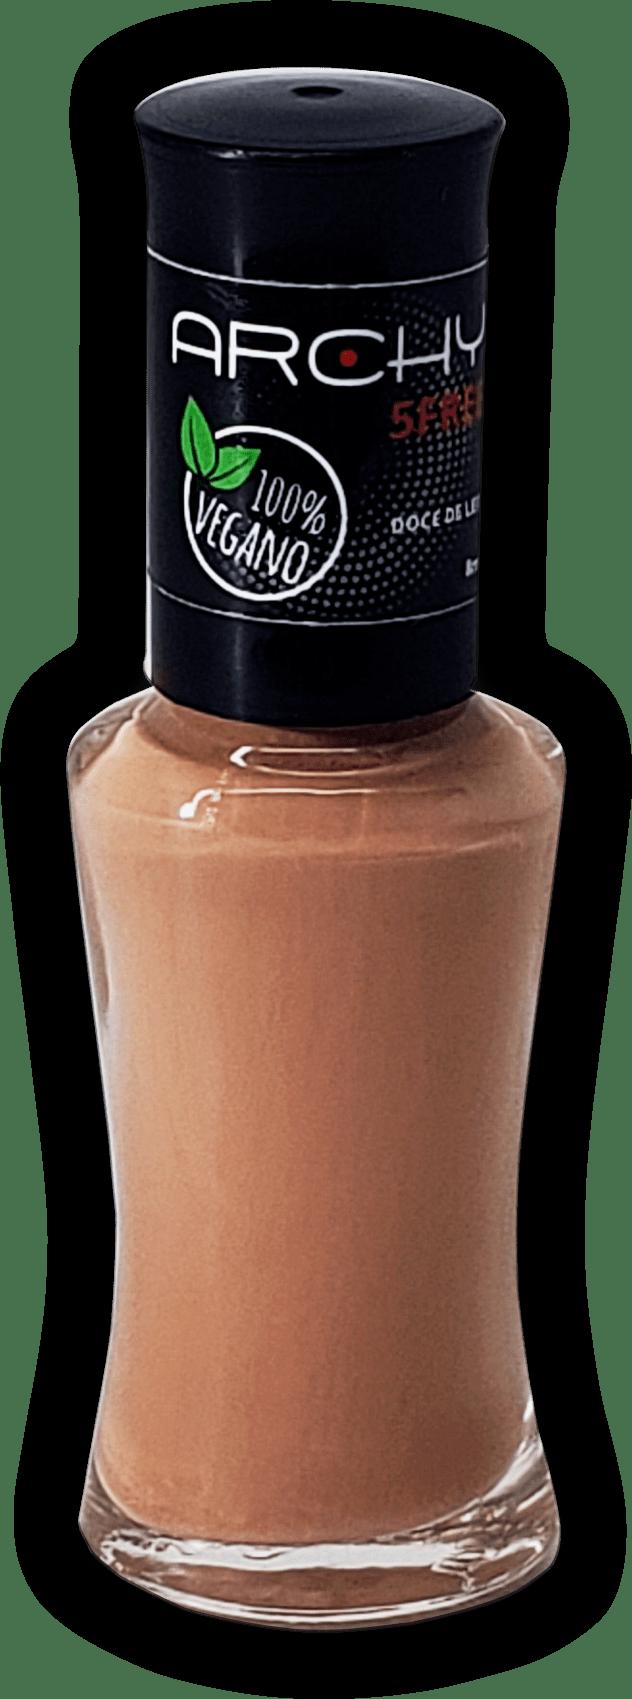 Esmalte Vegano 5 Free Doce de Leite - Archy Make Up